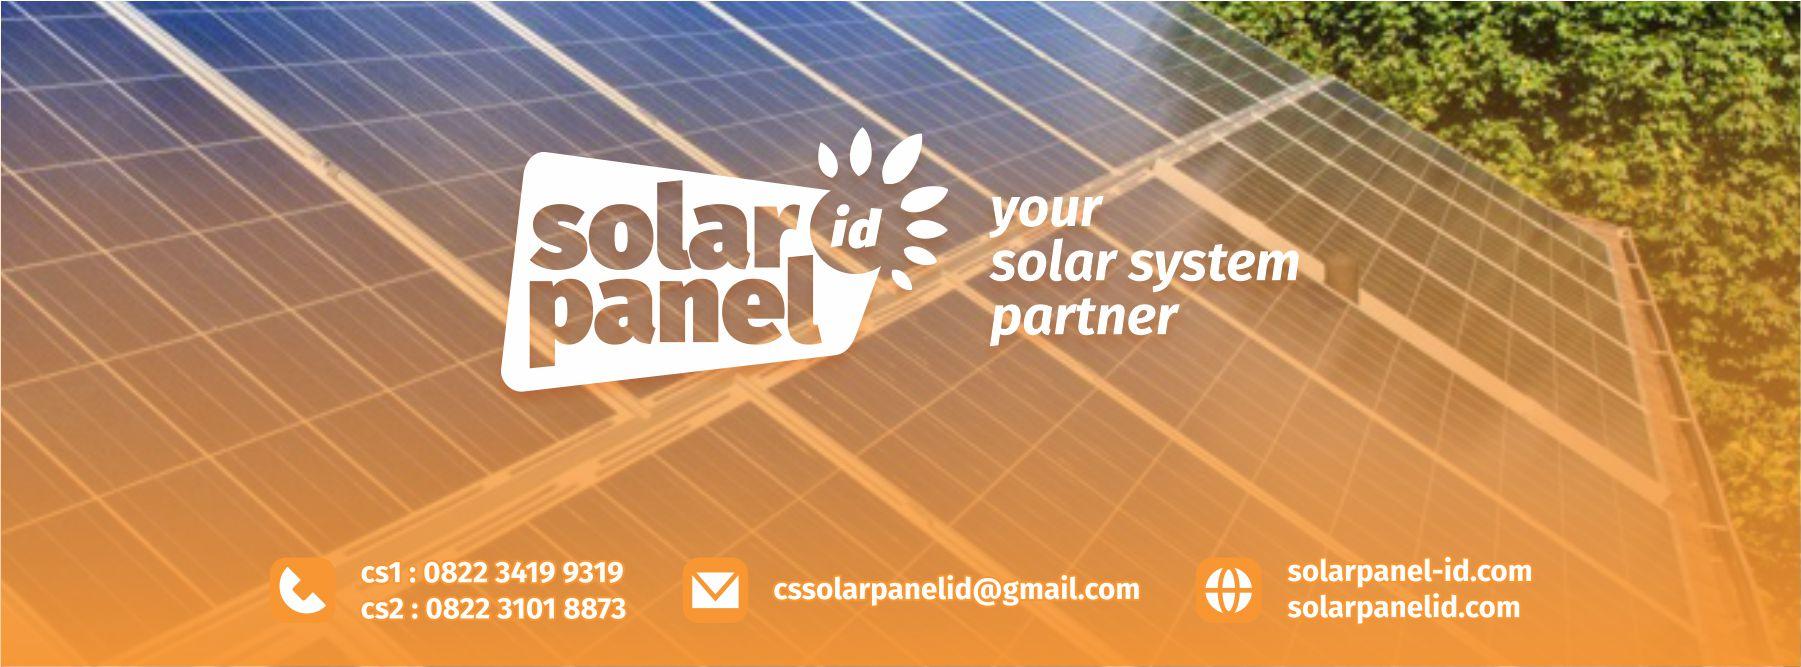 jual solar home system, plts rumahan, pompa air tenaga surya, lampu pju tenaga surya, pju solarcell all in one, pju solar cell 2in1